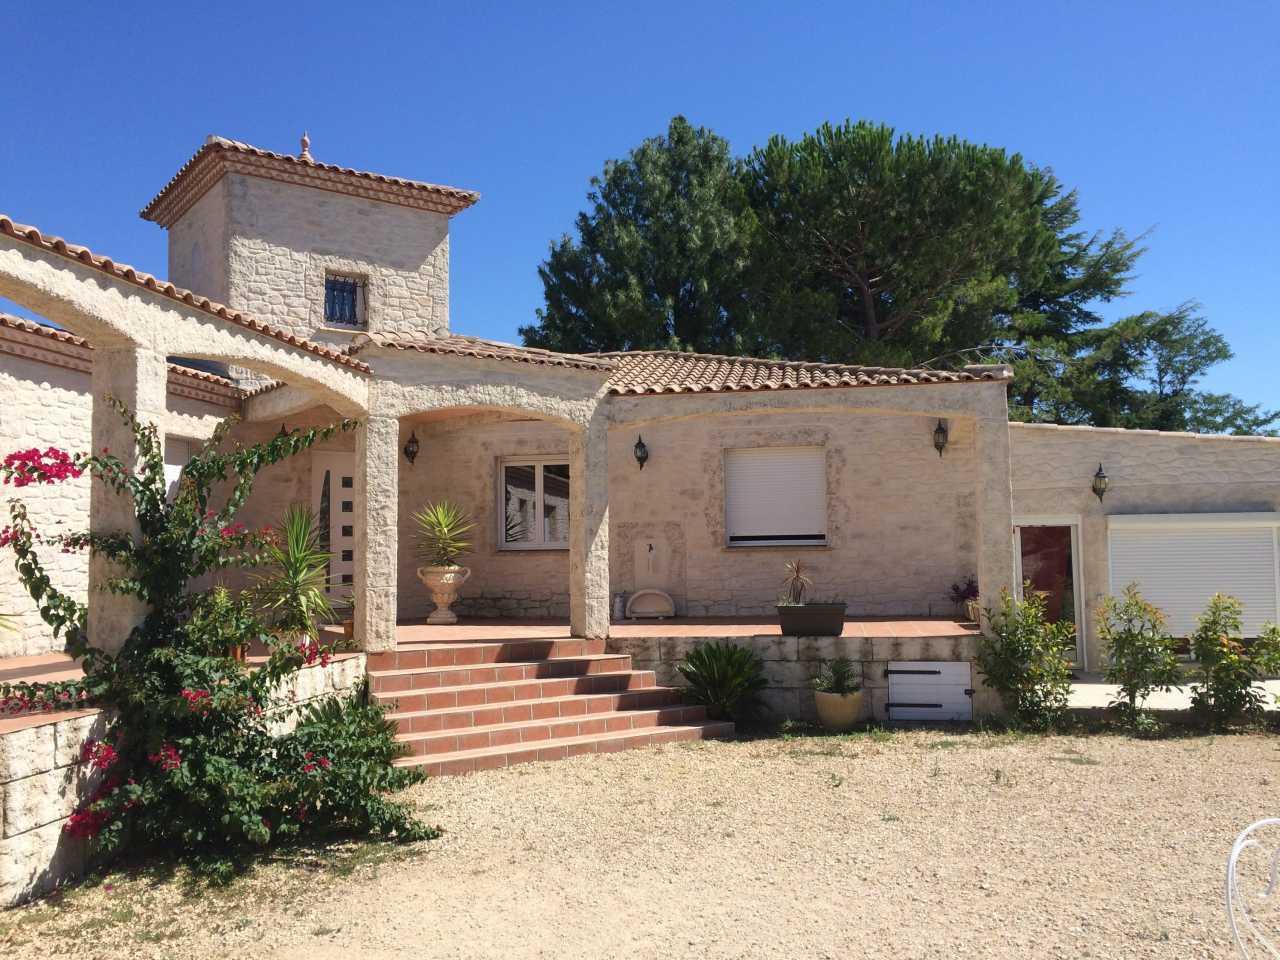 Rénovation d'une maison provençale proche de Nîmes (30)